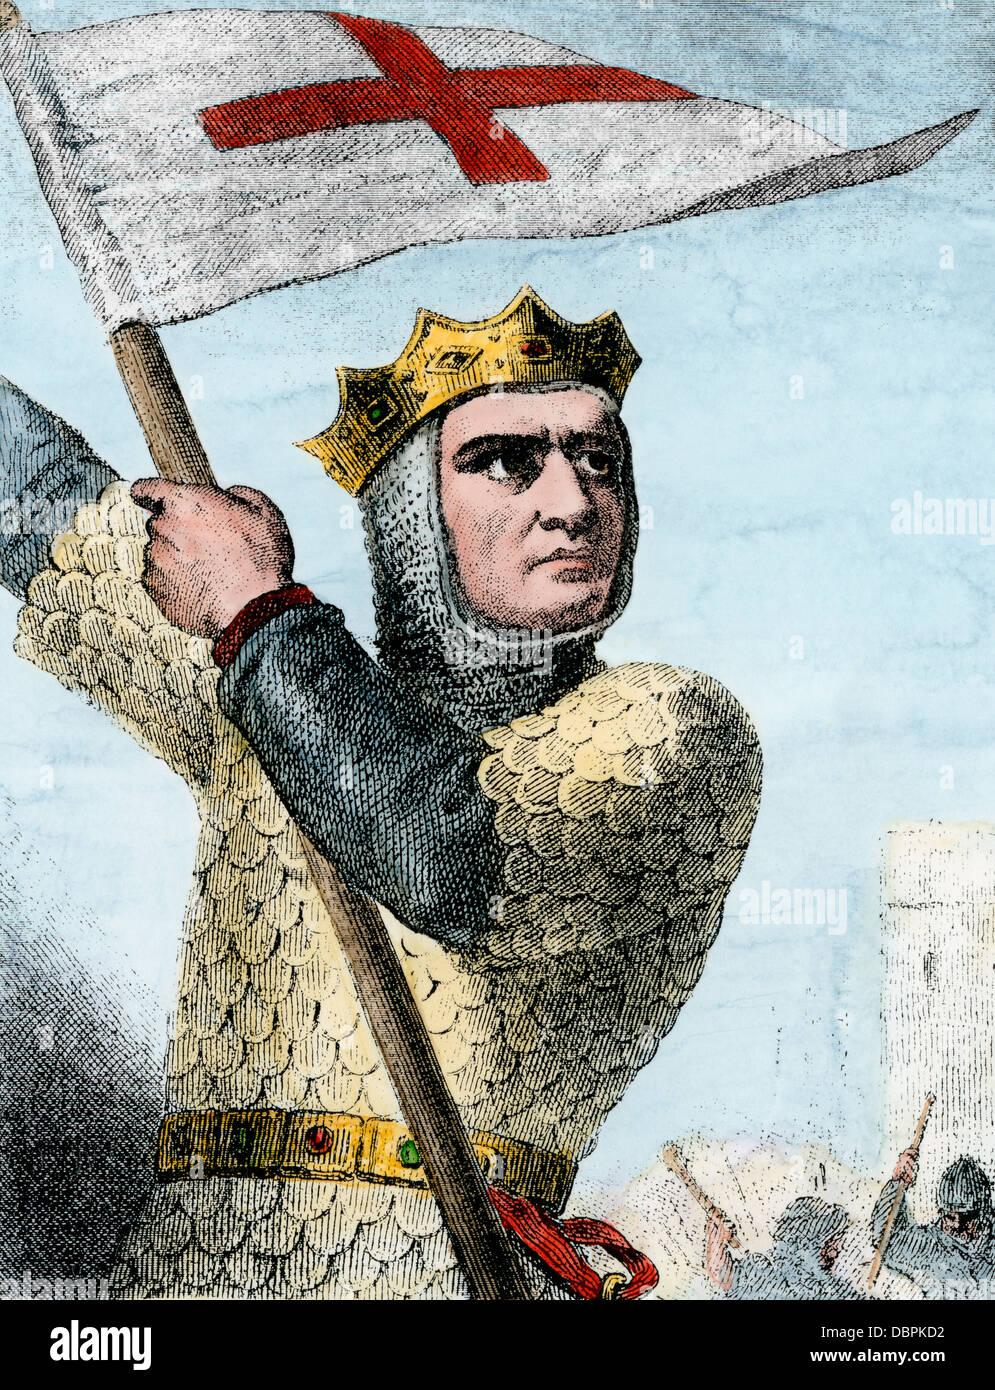 Godefroy de Bouillon à la première croisade, 1096 A.D. à la main, gravure sur bois Photo Stock